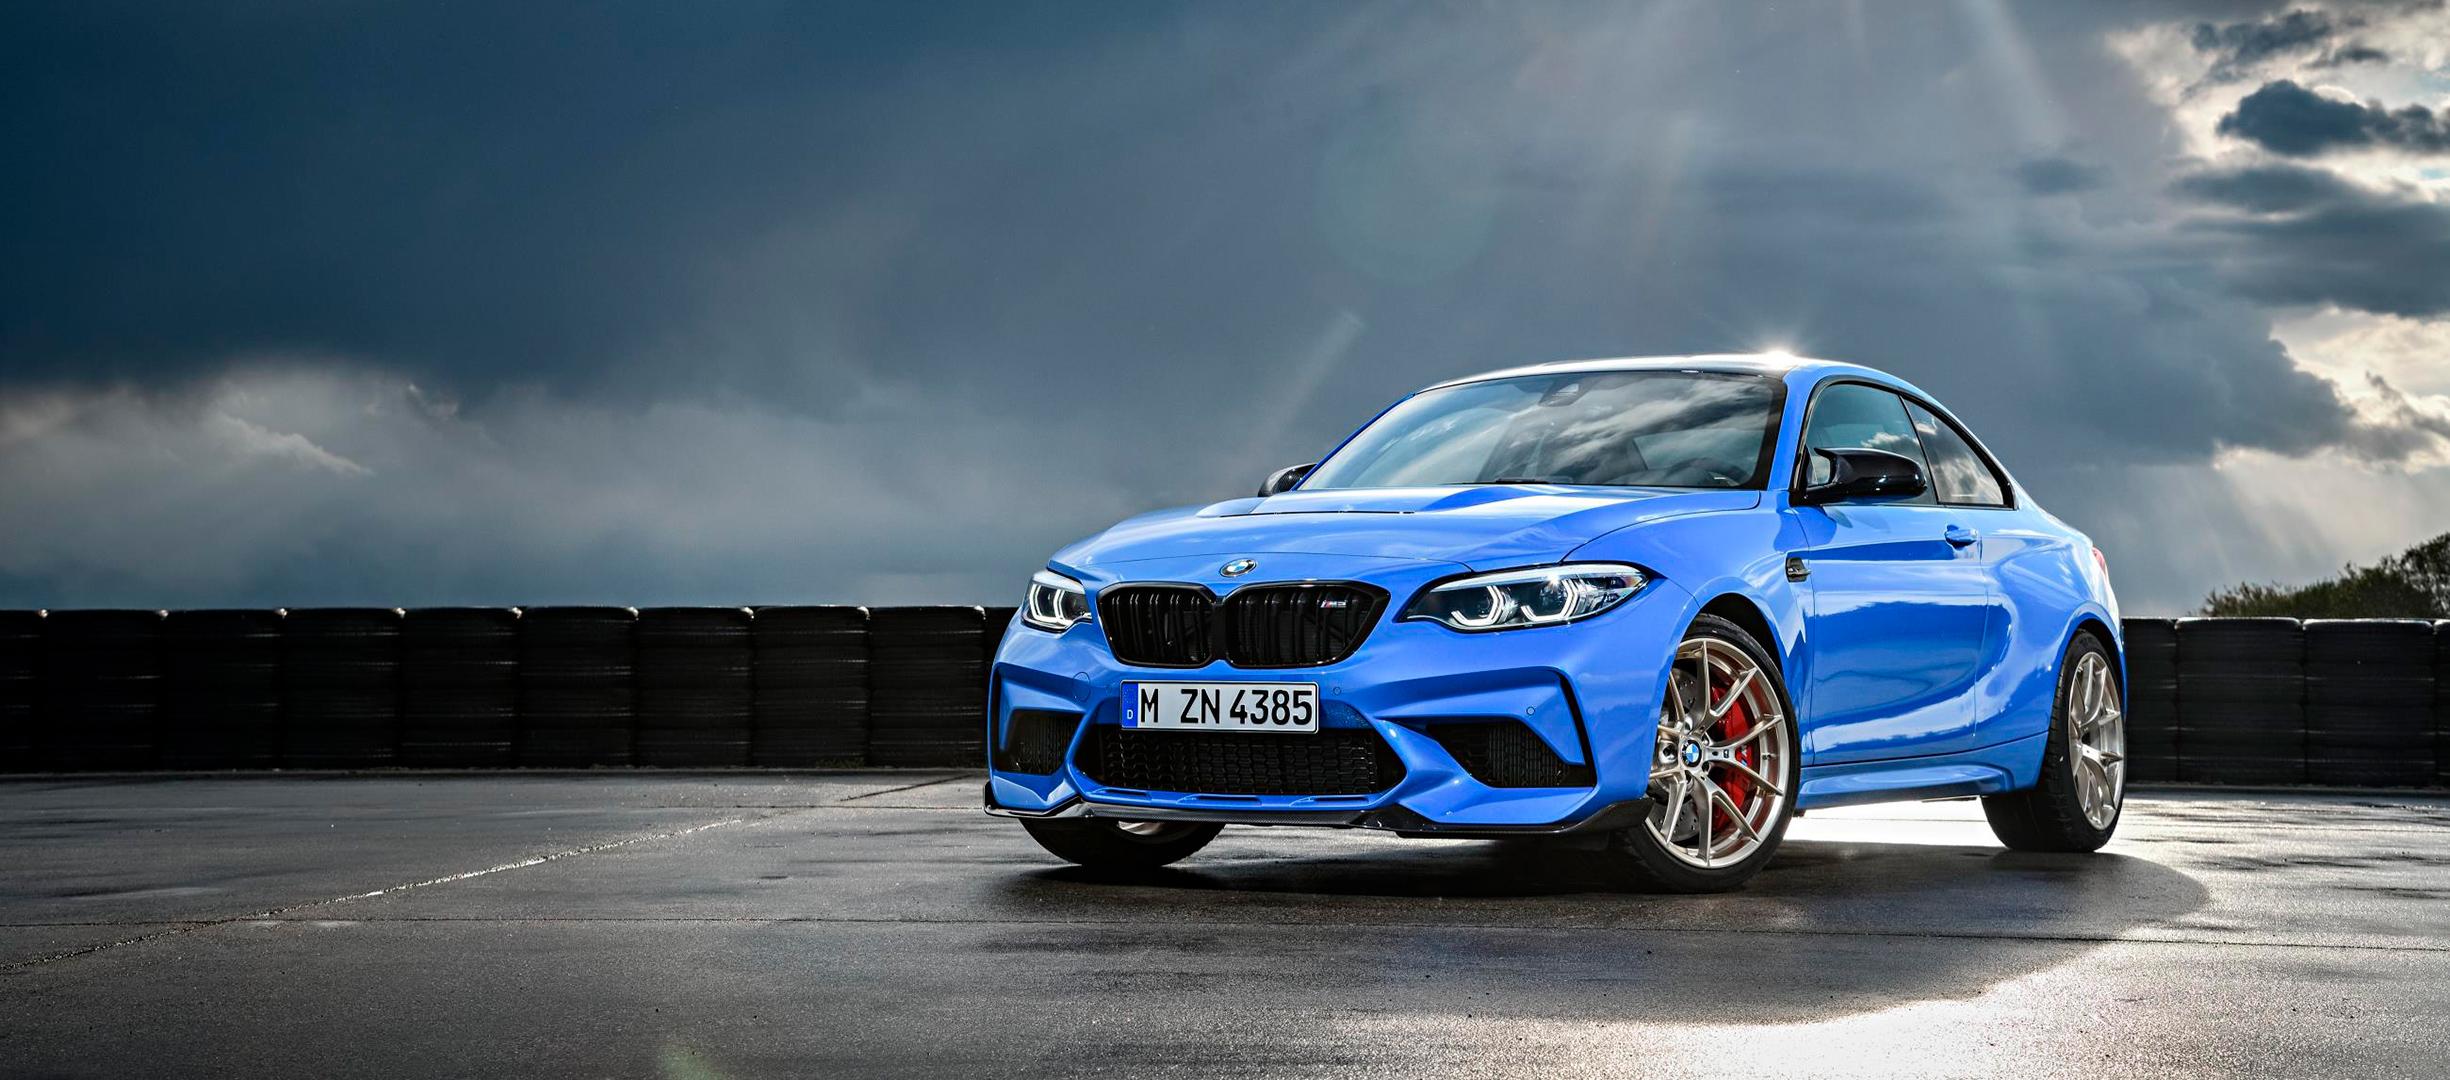 Nuevo BMW M2 CS, ya se comercializa en España